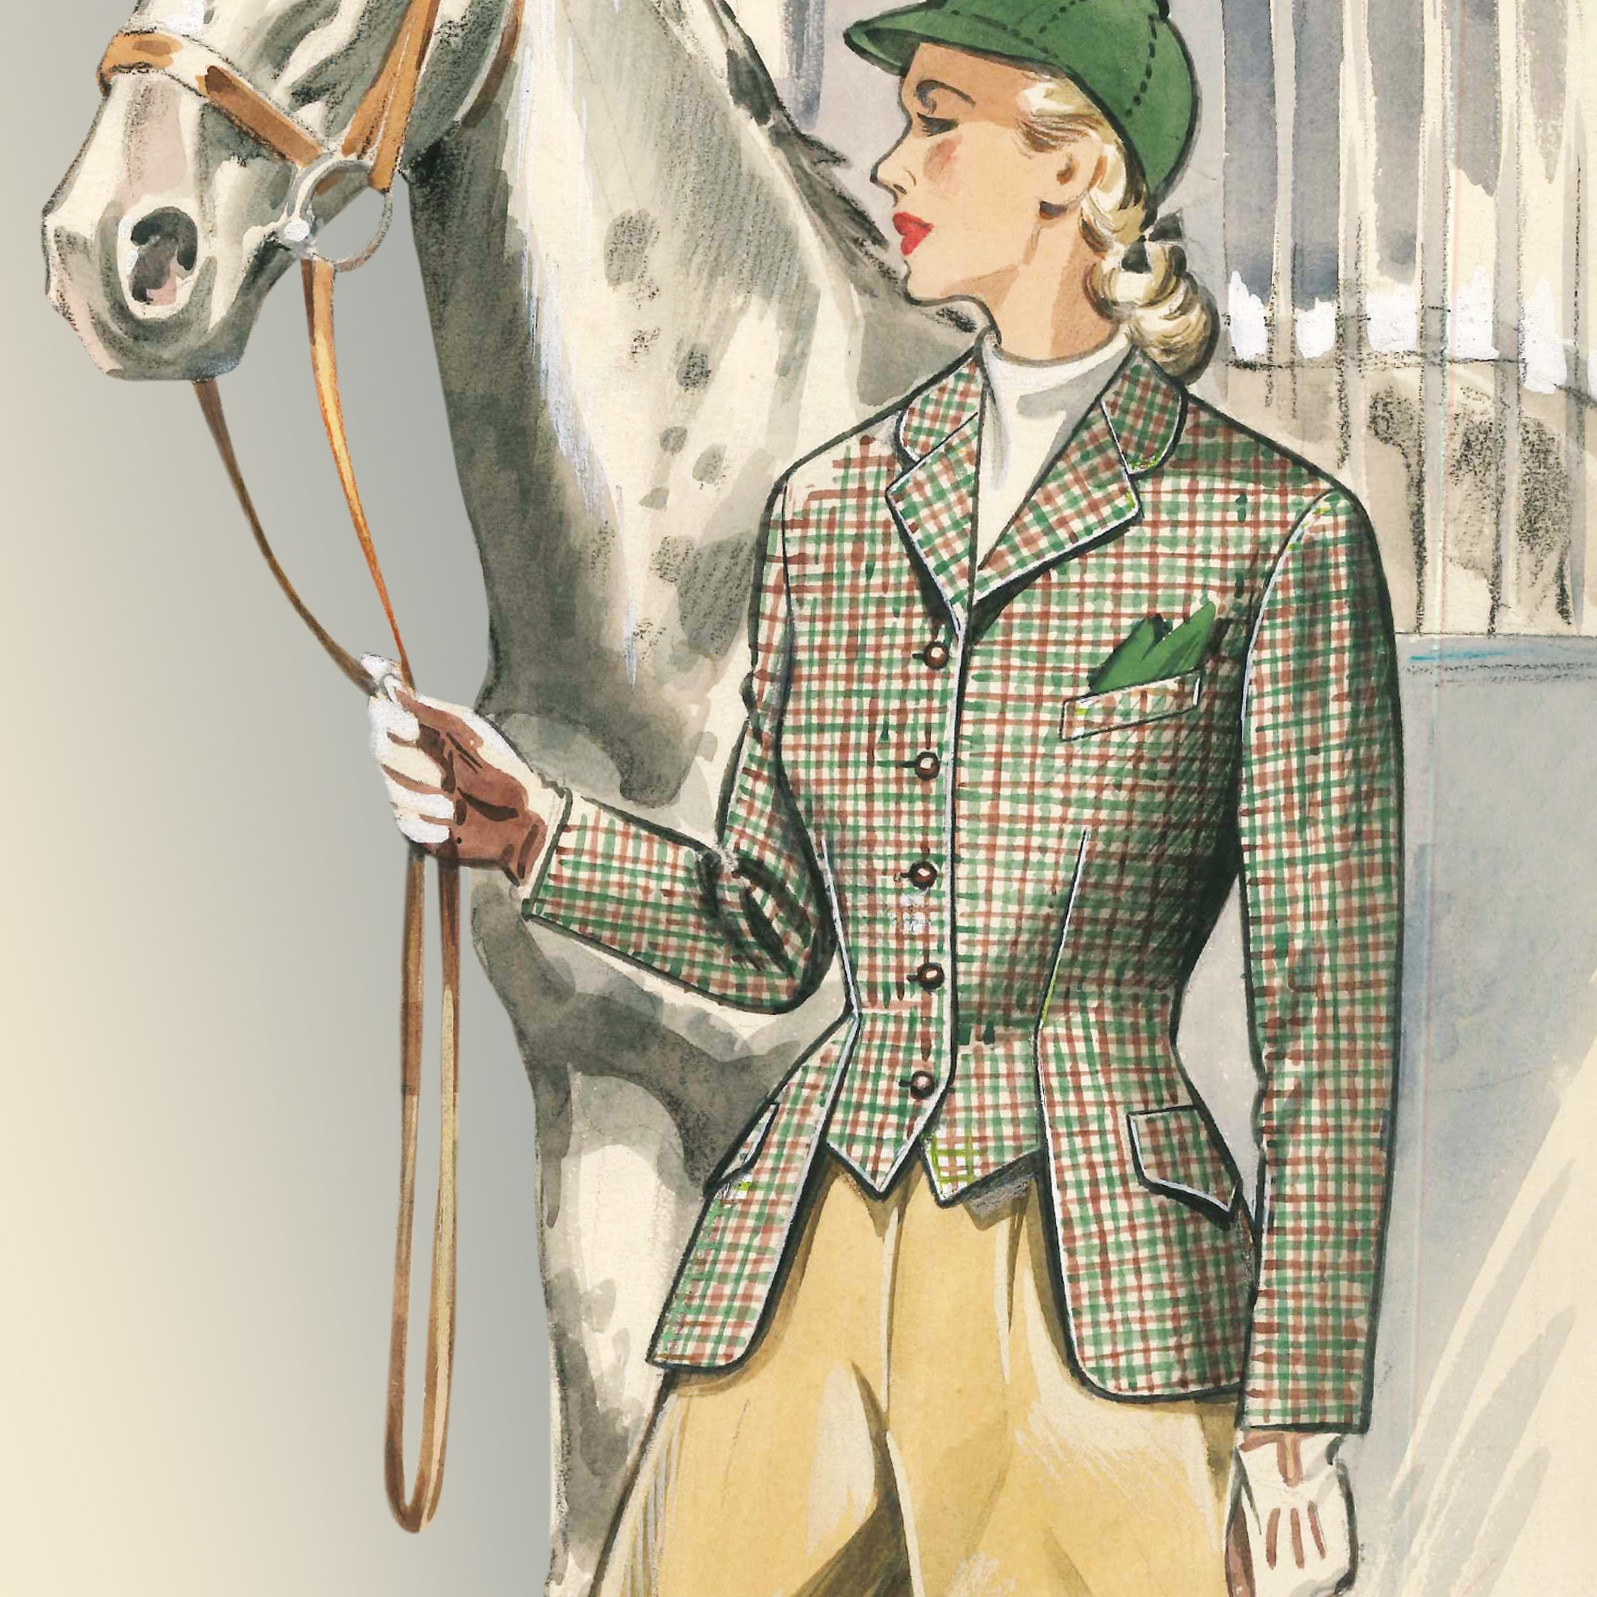 Dieses Bild zeigt eine Reiterin mit Reijackett aus dem Jahre 1953